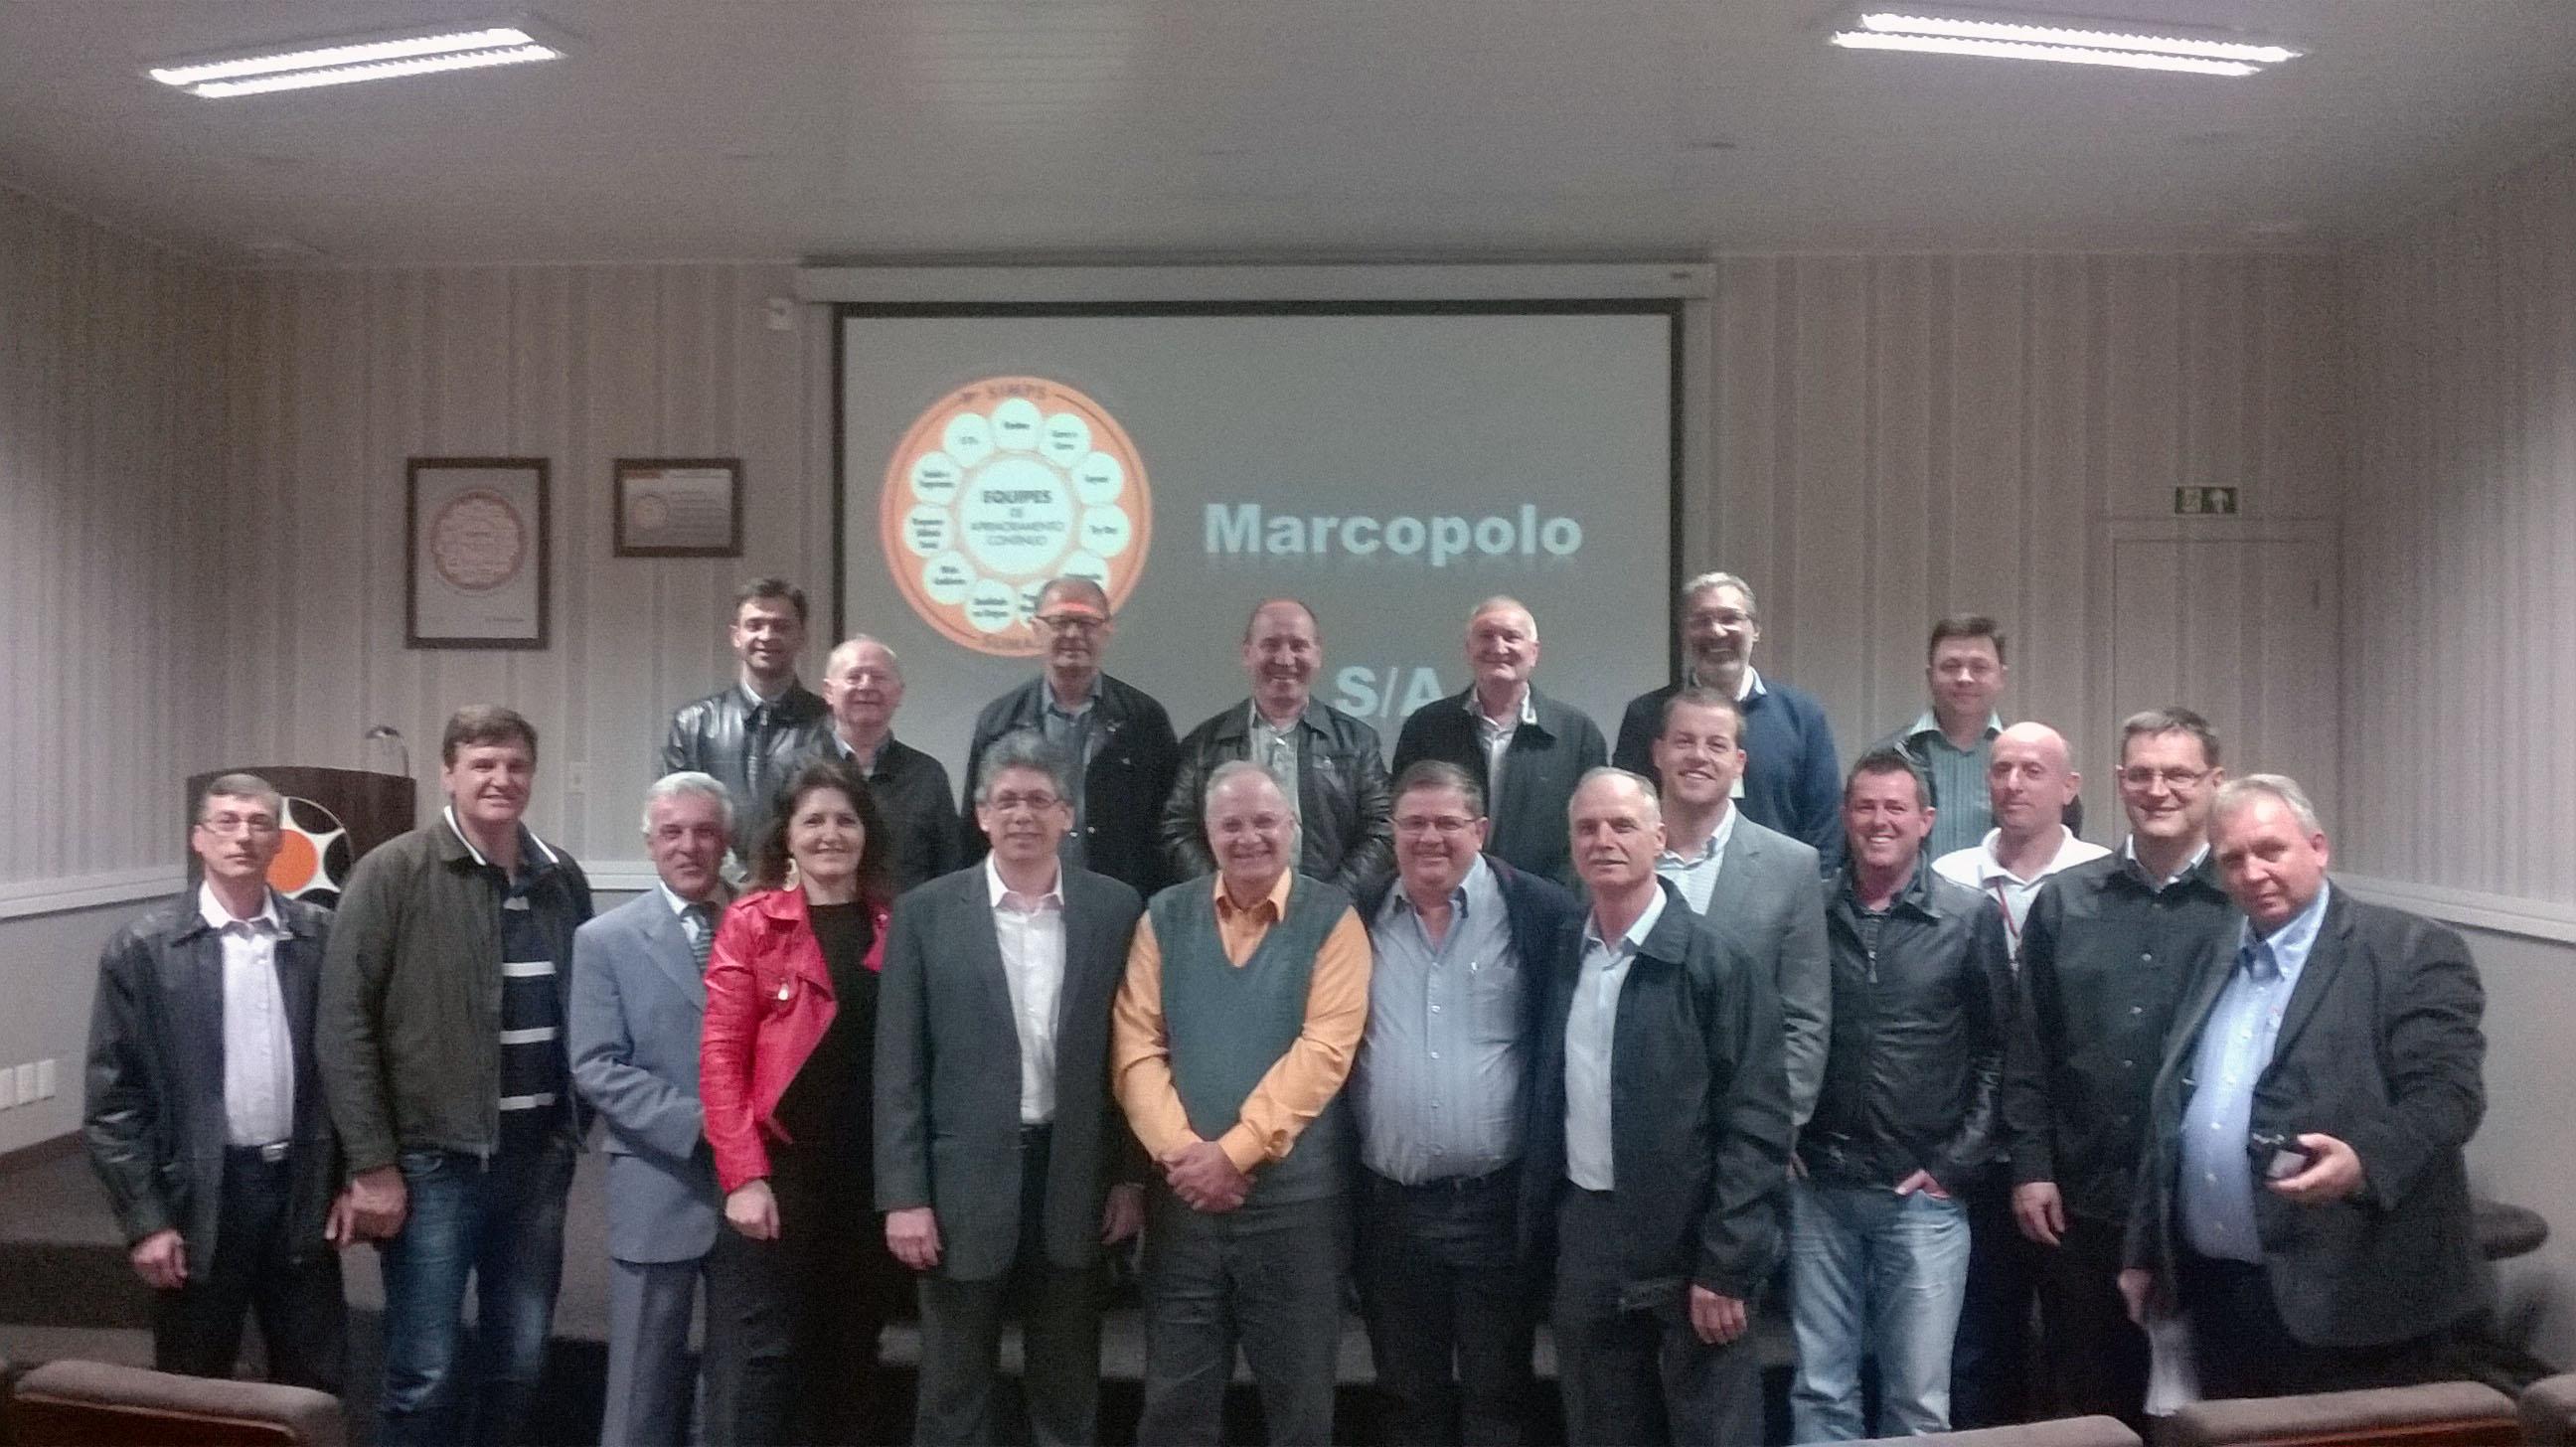 Comitiva de empresários encantadenses foram recebidos por diretores e funcionários da Marcopolo. Grupo conheceu todo o parque fabril da indústria de ônibus.